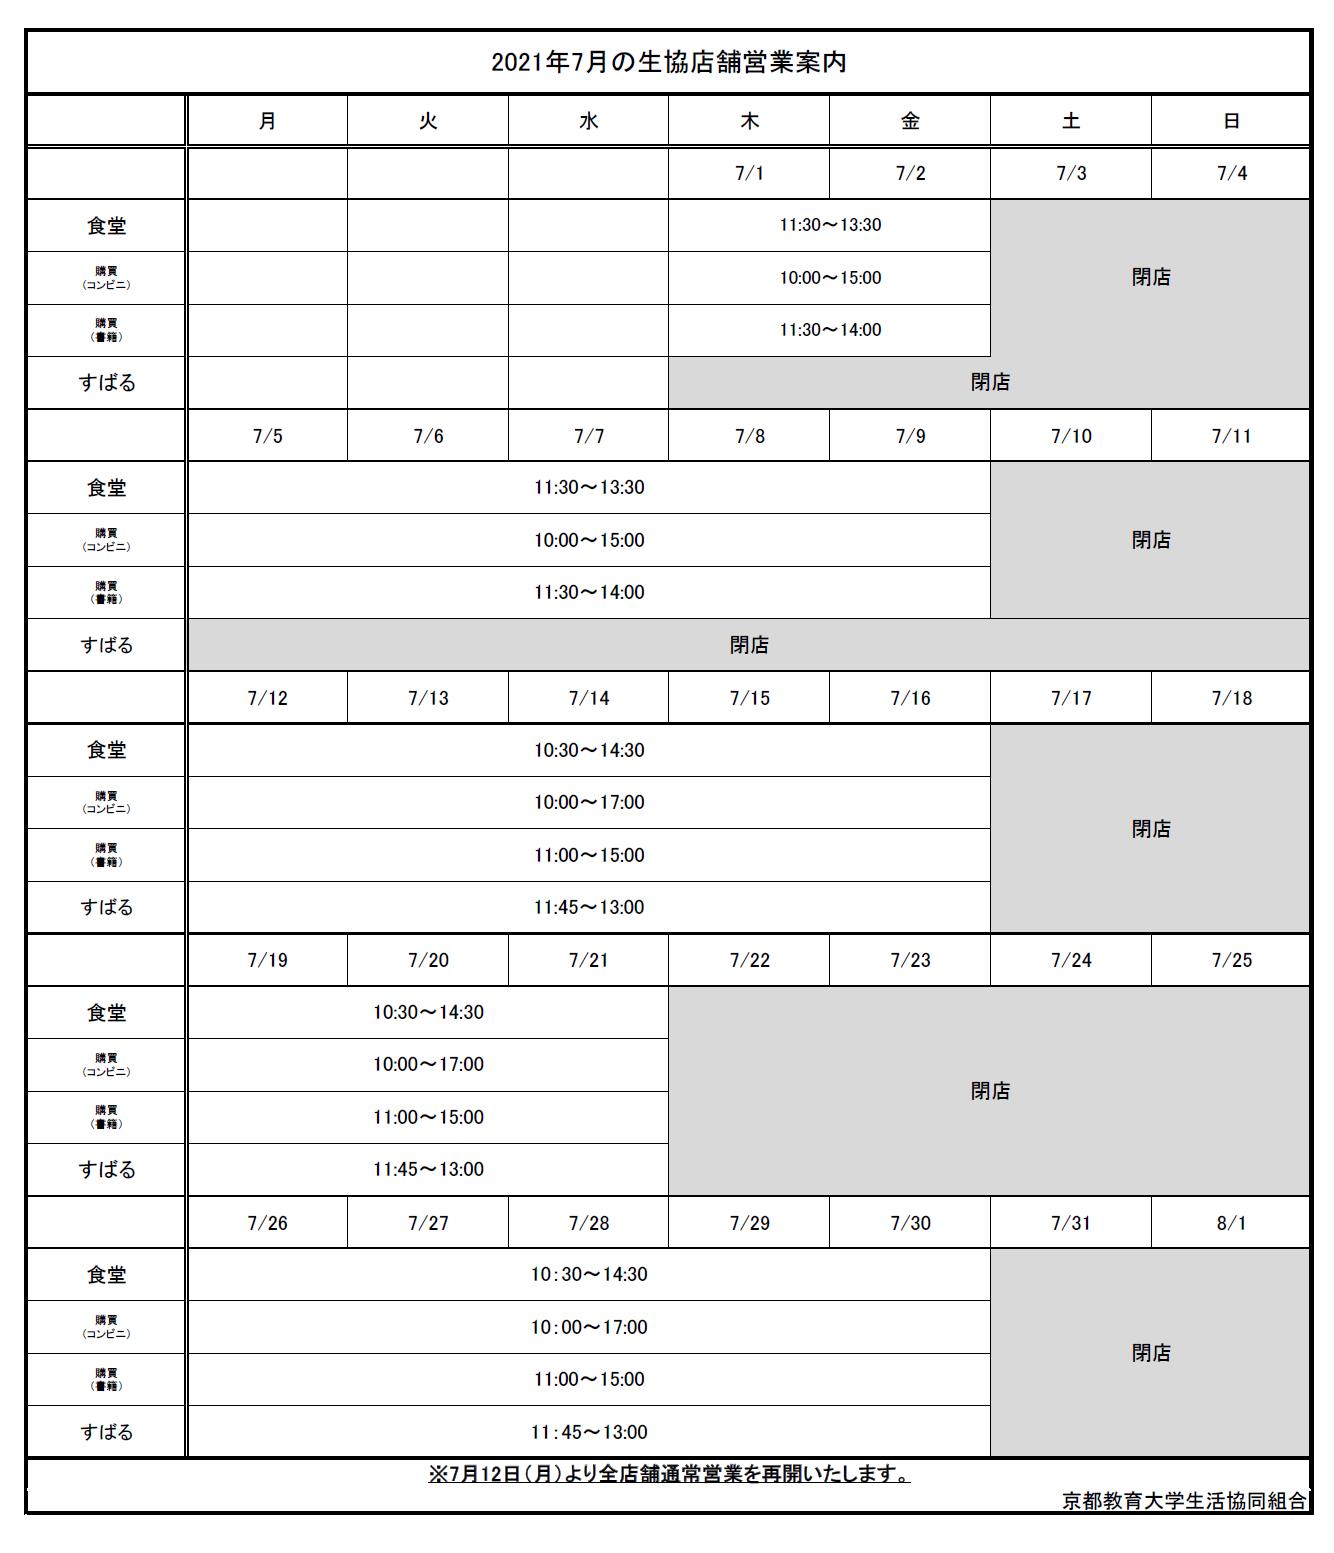 営業時間表(HPアップ用).png